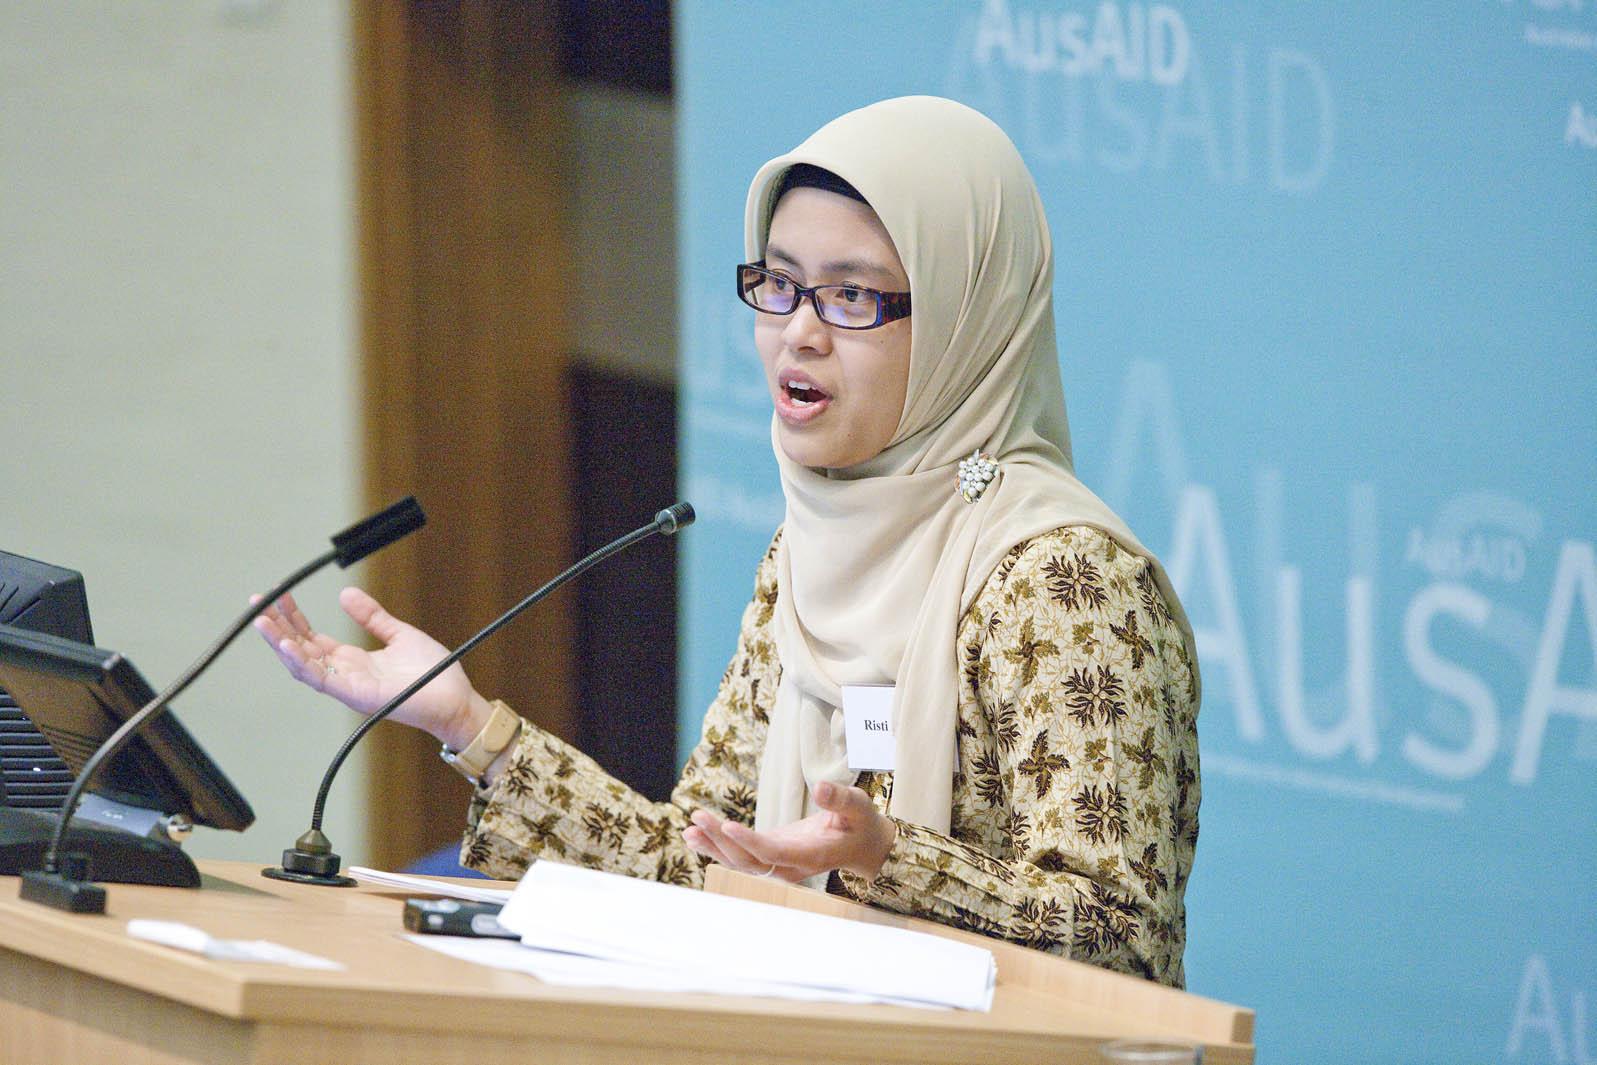 Risti Permana presenting a paper on education